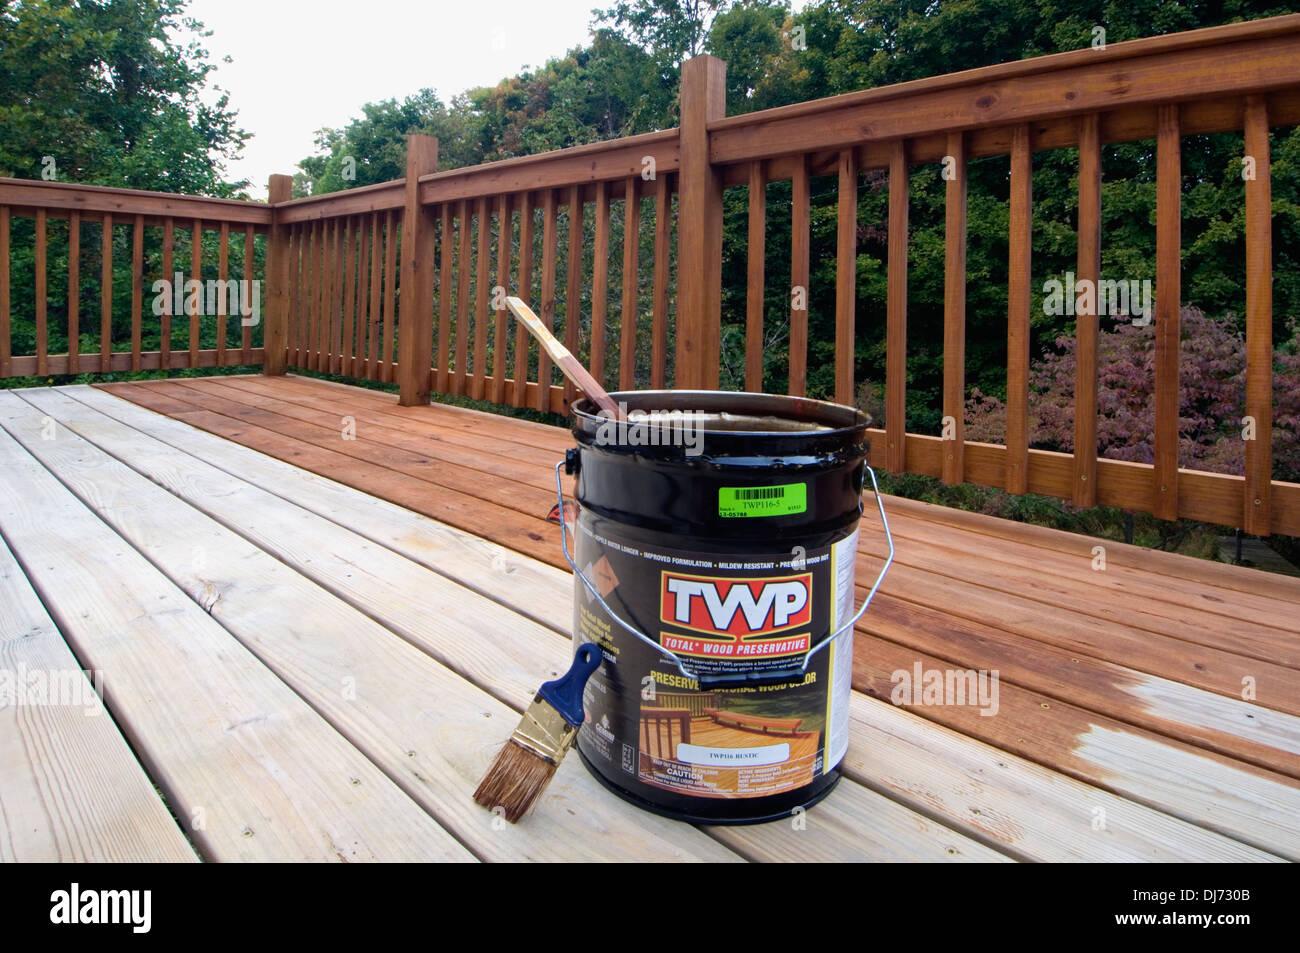 Deck stain stockfotos & deck stain bilder alamy